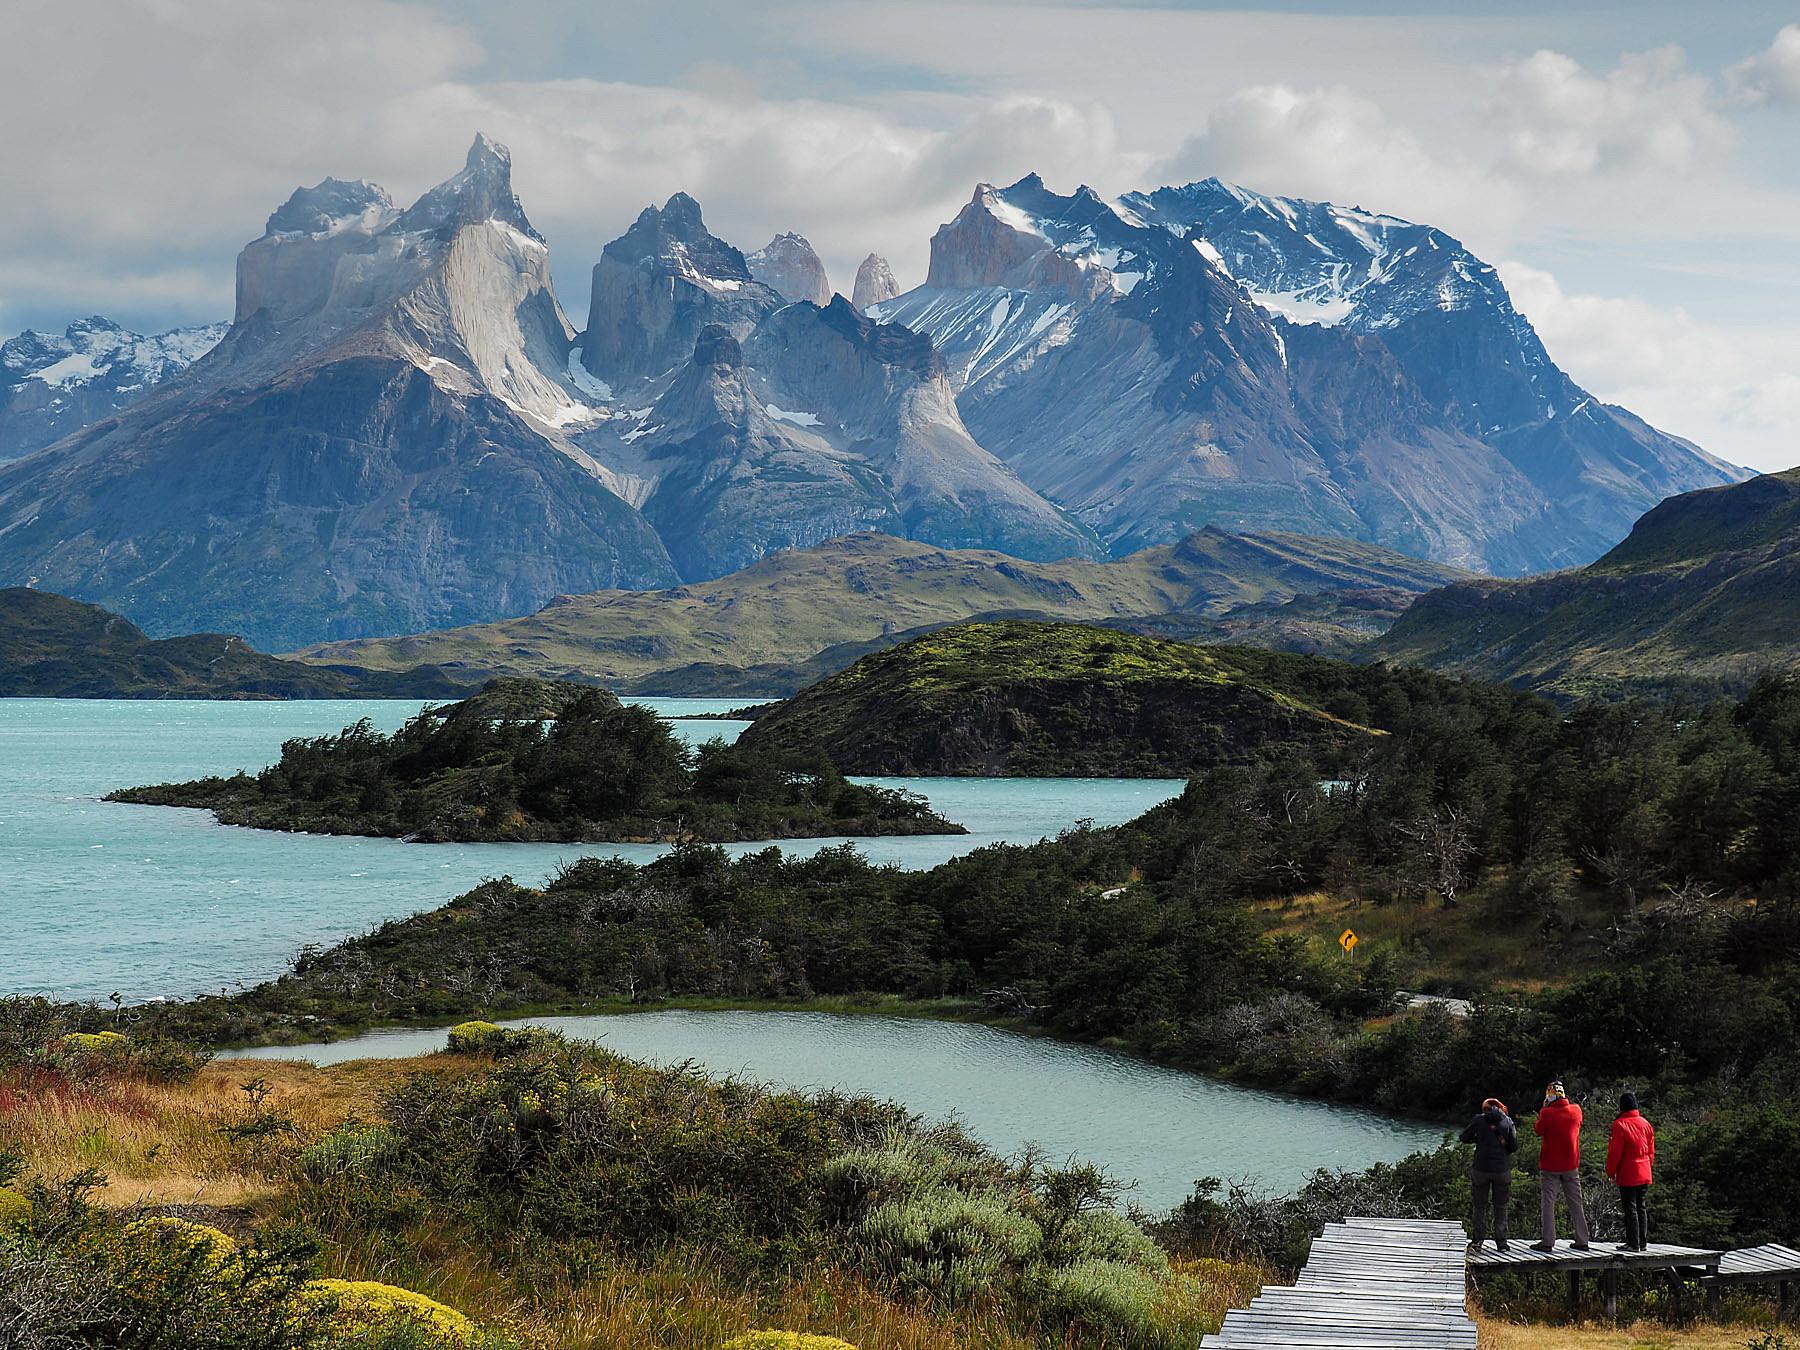 Die Cuernos del Paine, einfach großartig!